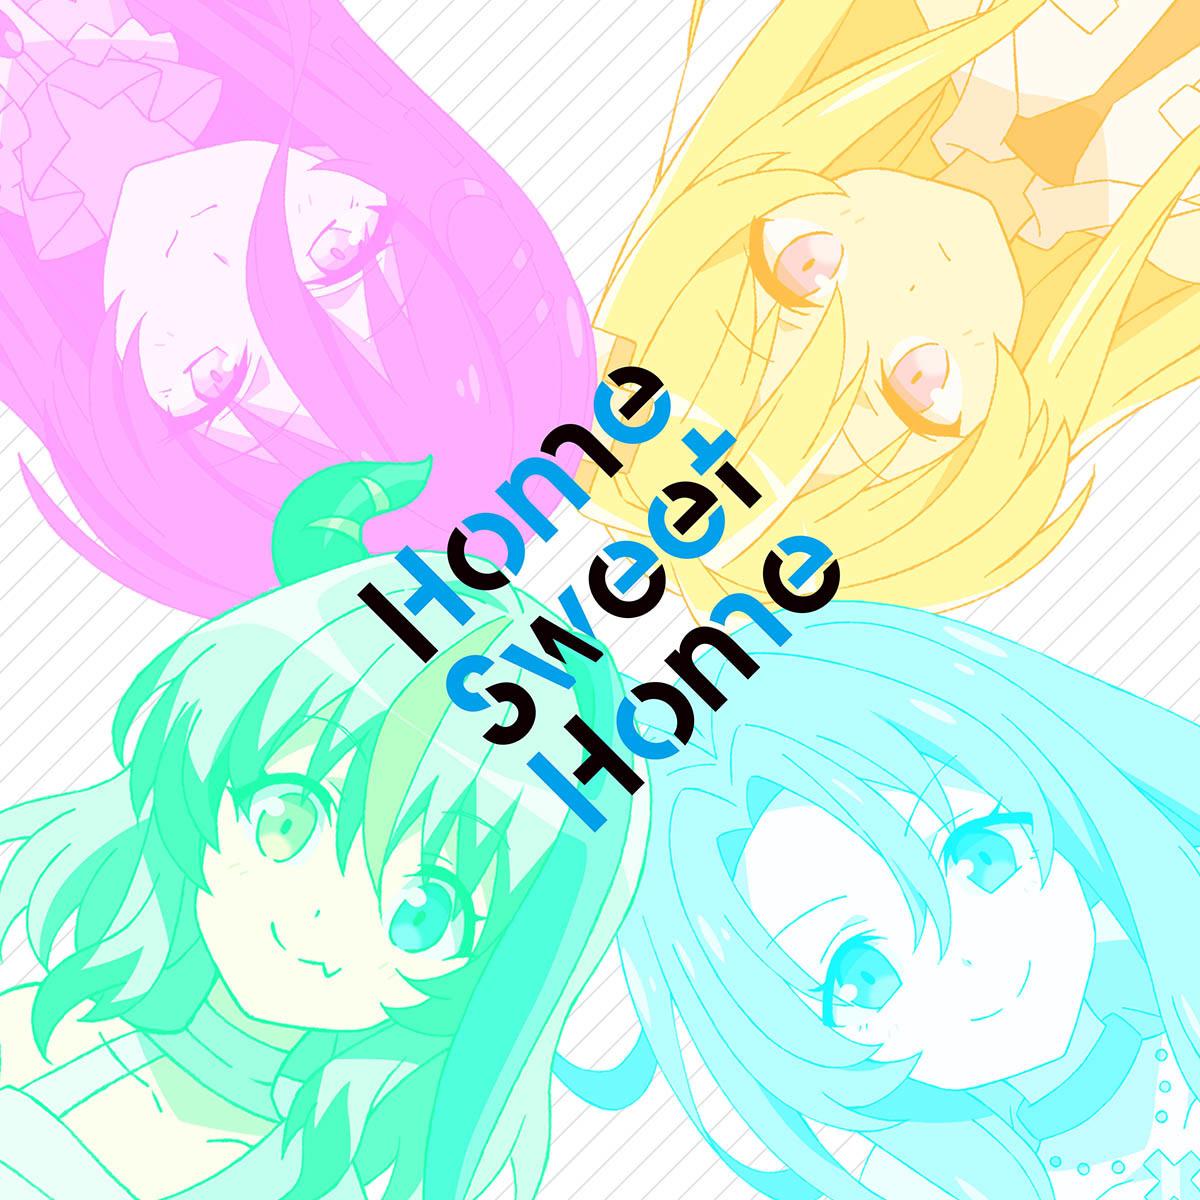 『戦闘員、派遣します!』エンディング・テーマ「Home Sweet Home」ジャケット (C)2021 暁なつめ, カカオ・ランタン/KADOKAWA/「戦闘員、派遣します!」製作委員会